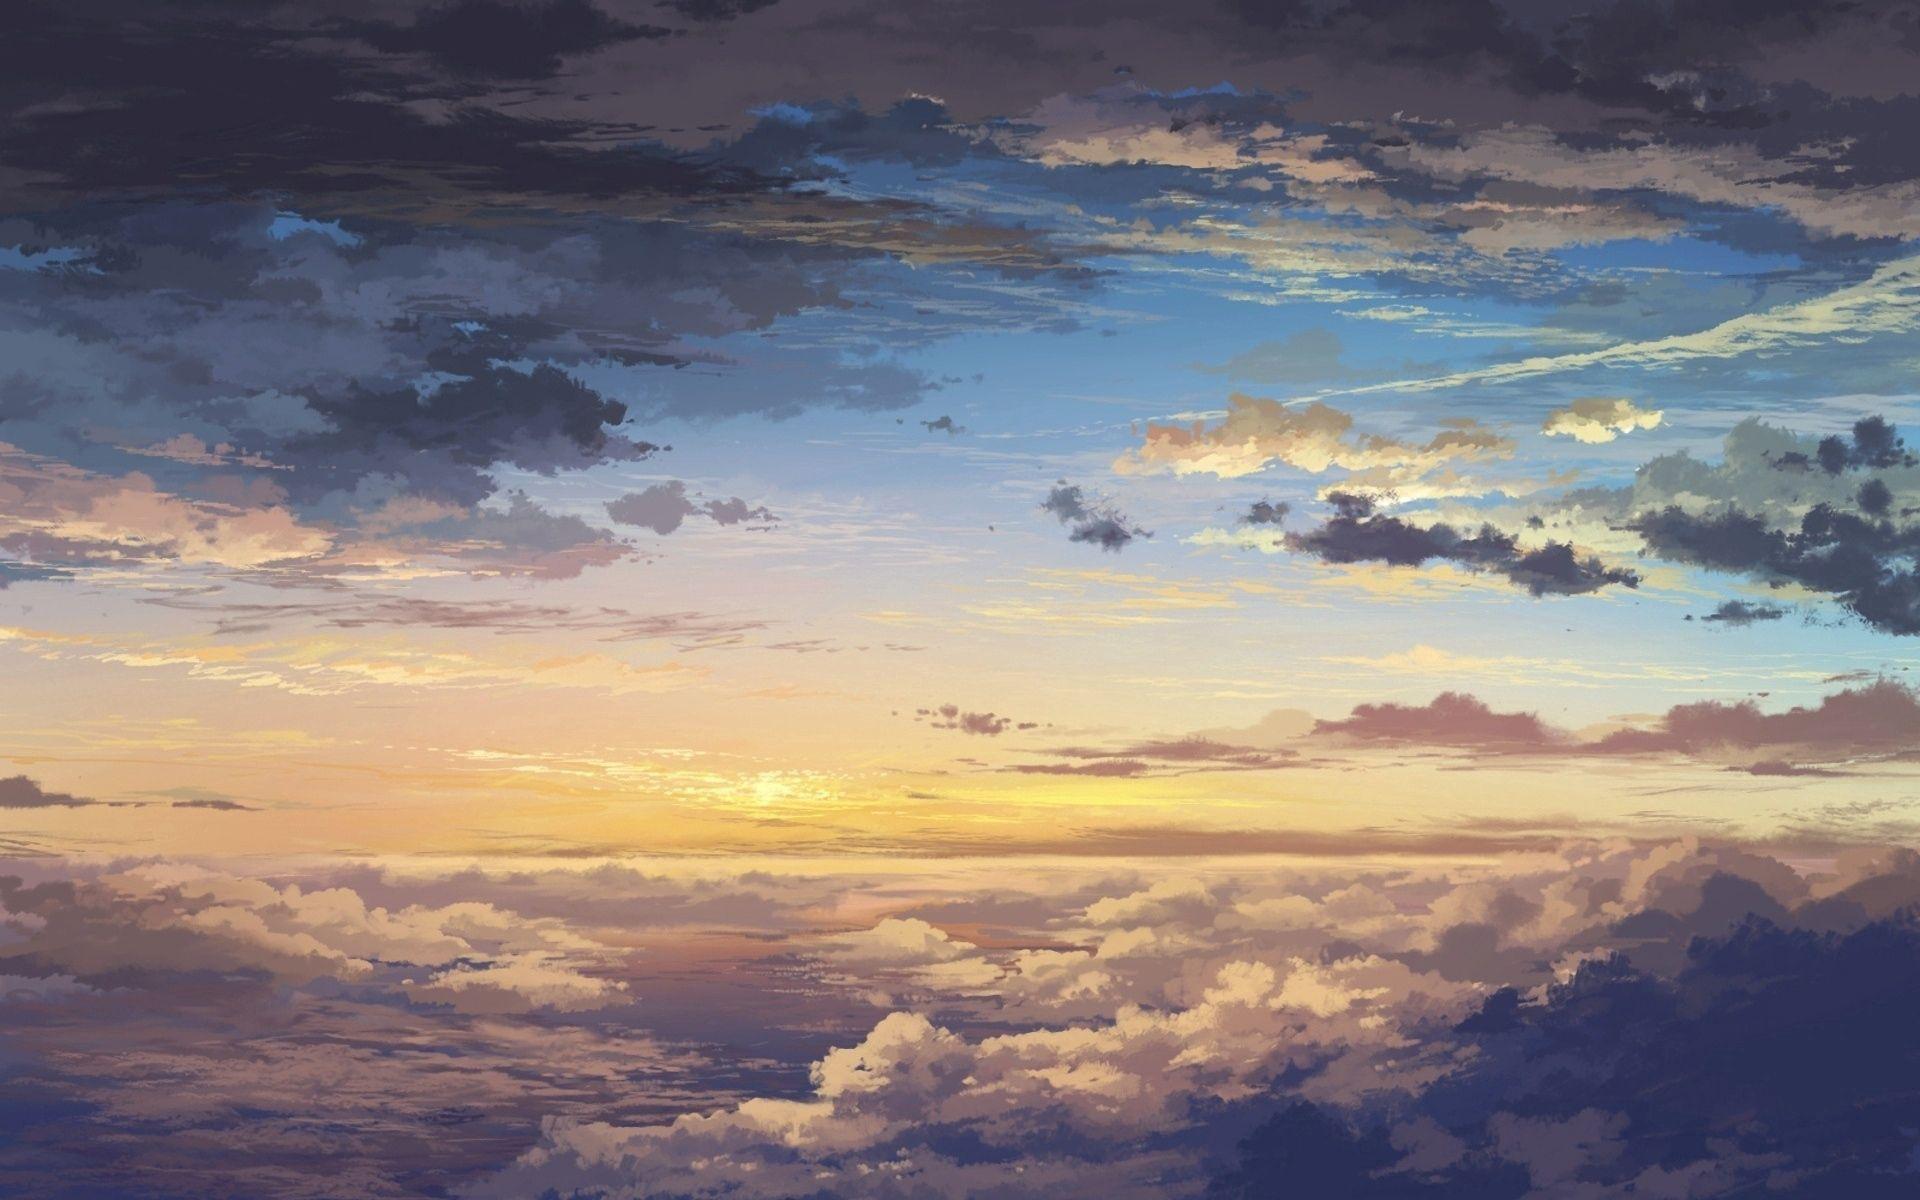 77620壁紙のダウンロード自然, 雲, スカイ, アート, 日没, 高さ, 風景-スクリーンセーバーと写真を無料で